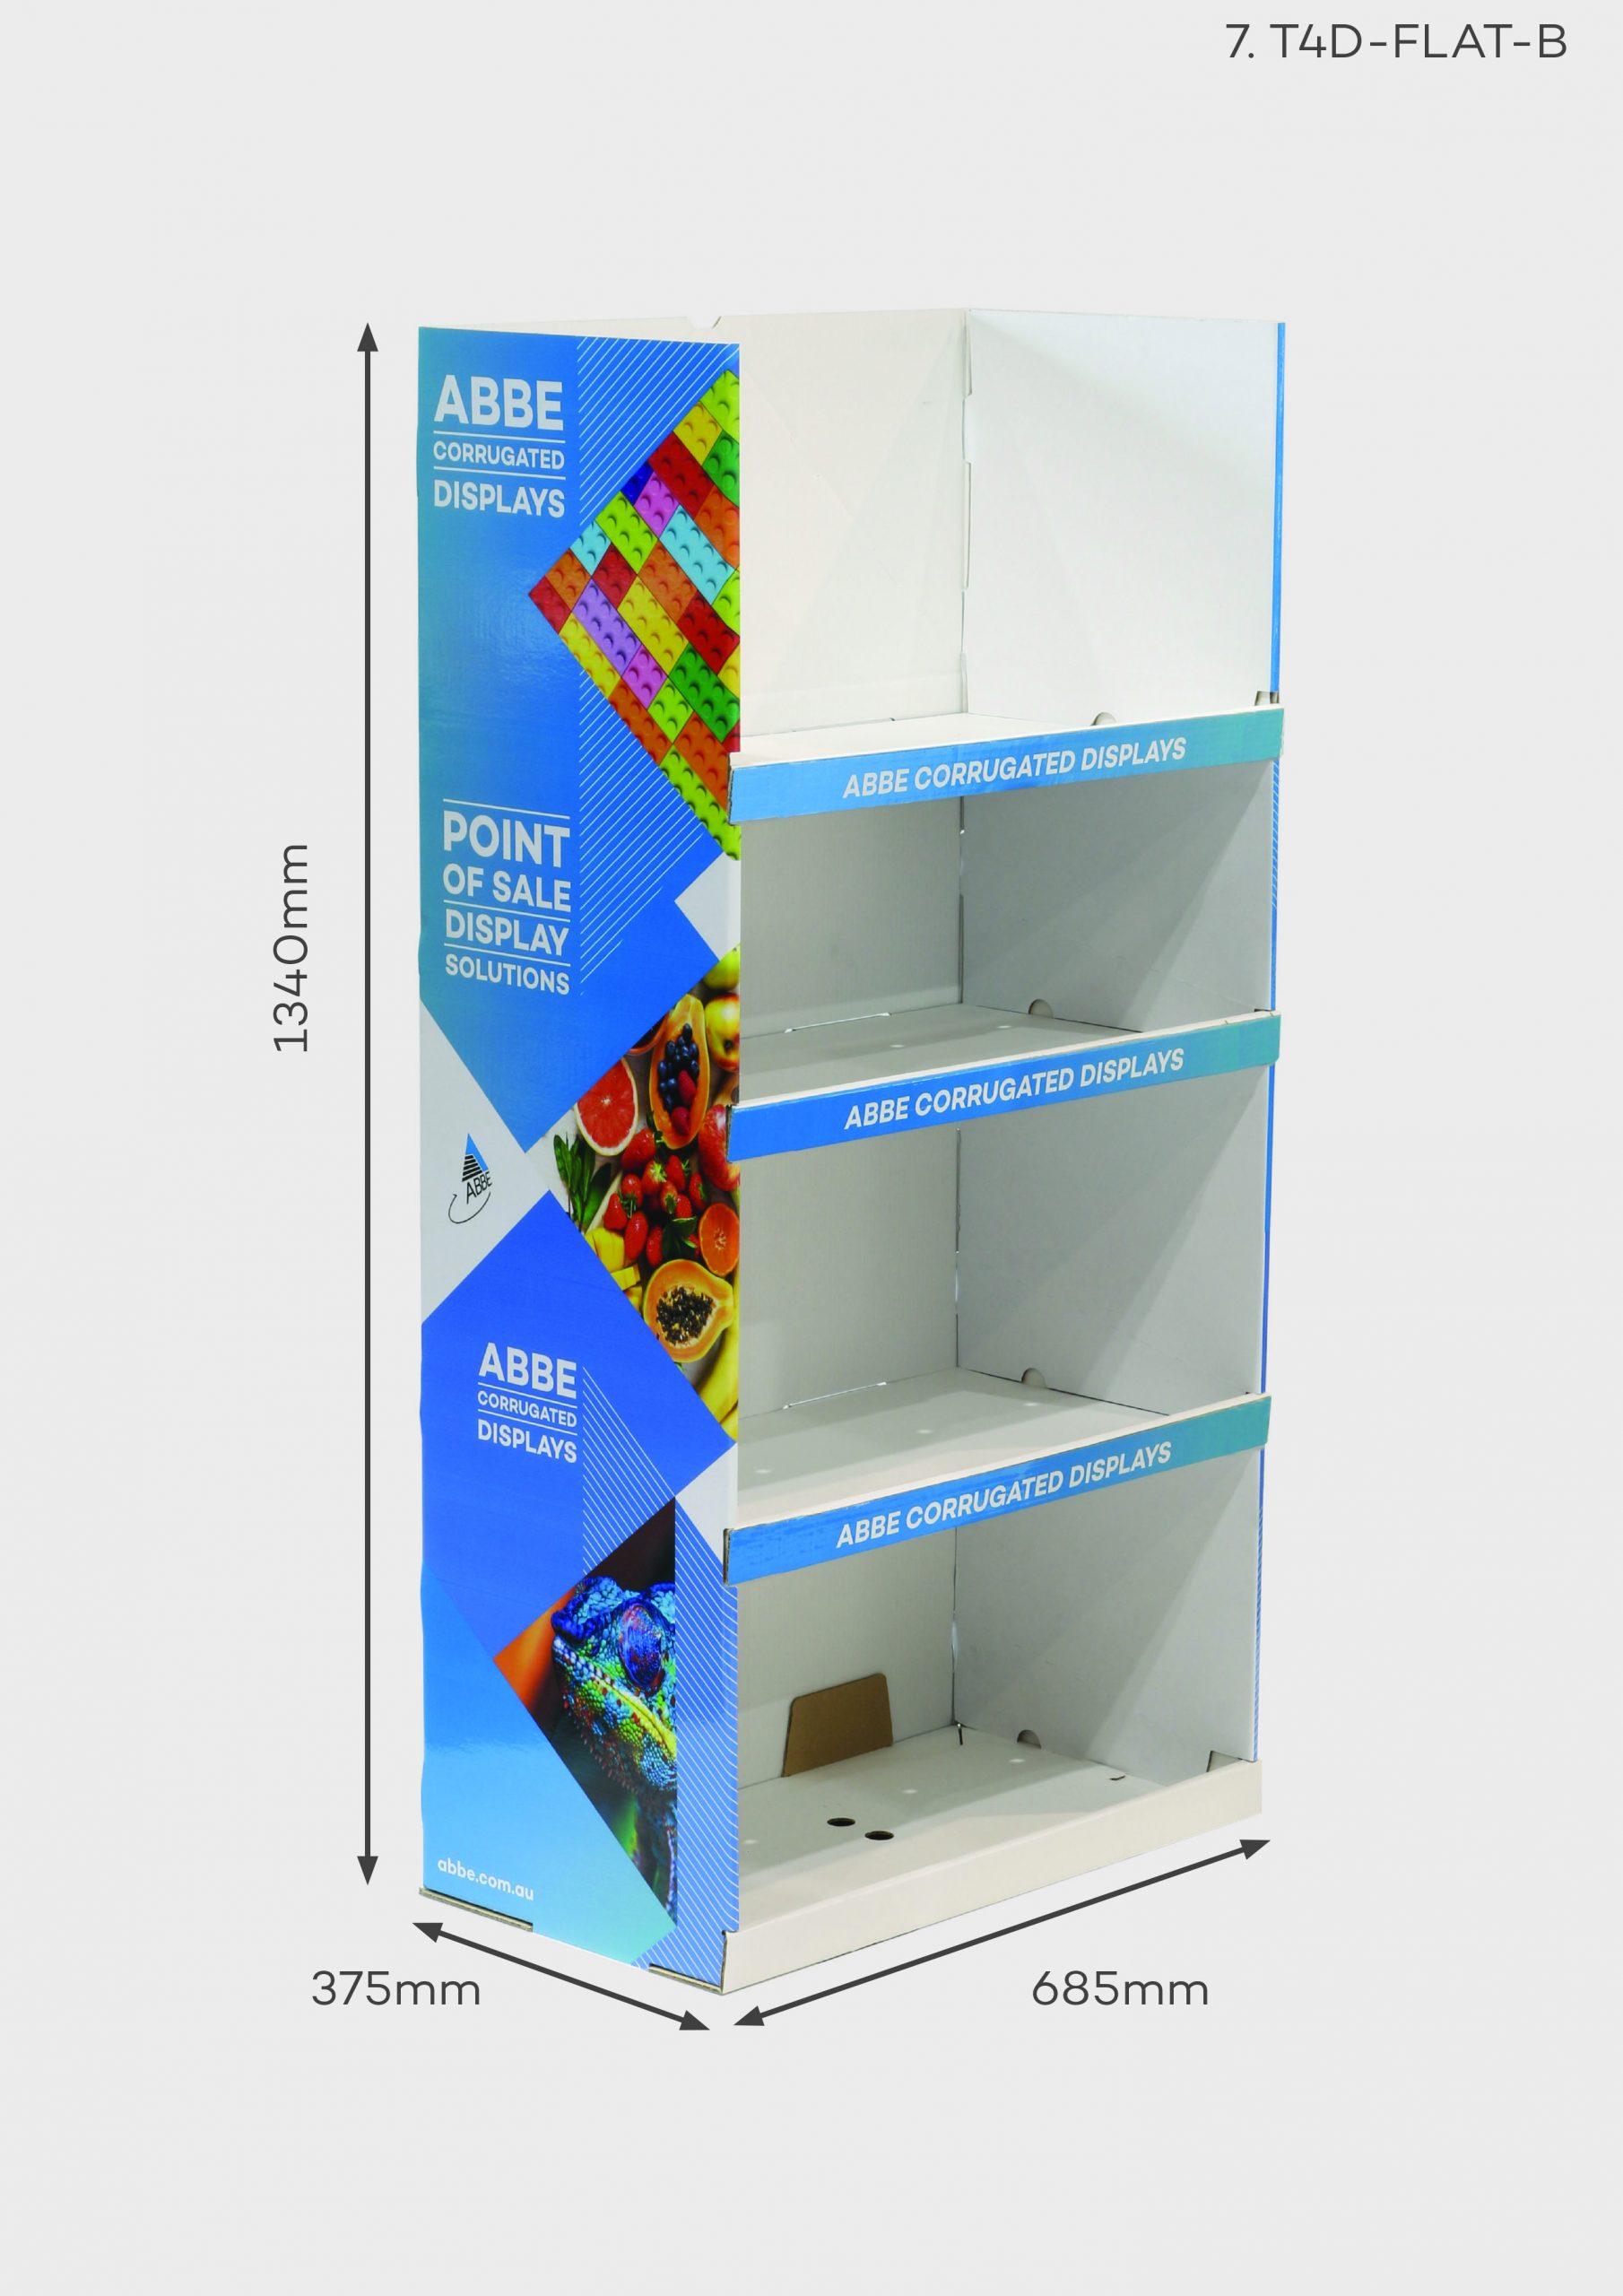 4 Shelf Large-Wide Display (Ref T4D-FLAT-B)